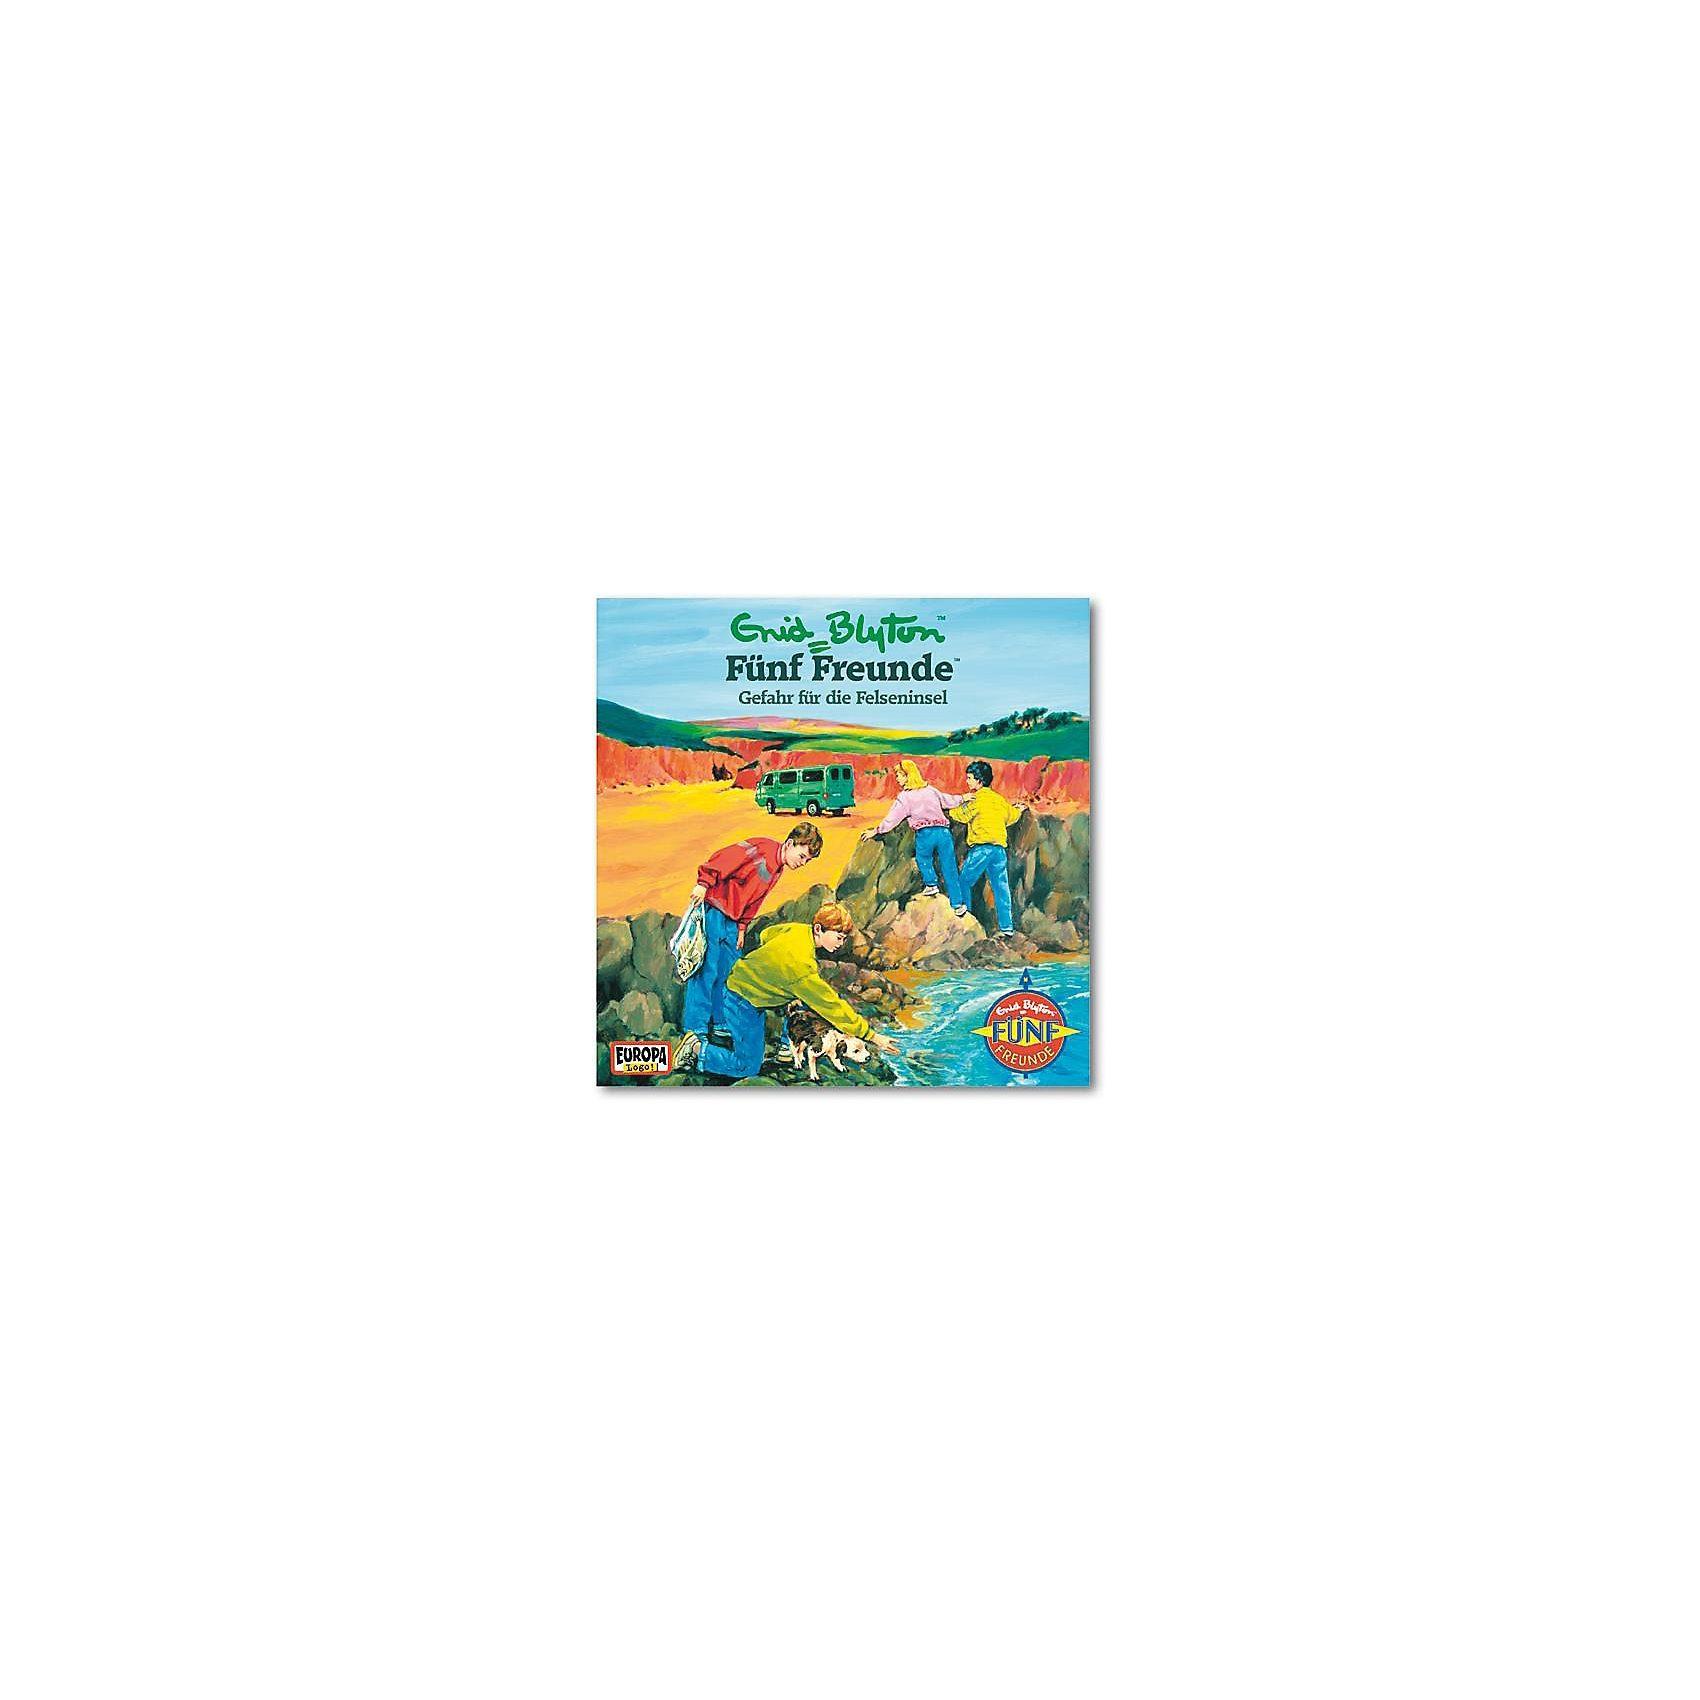 SONY BMG MUSIC CD Fünf Freunde 69 (Gefahr Felseninsel)